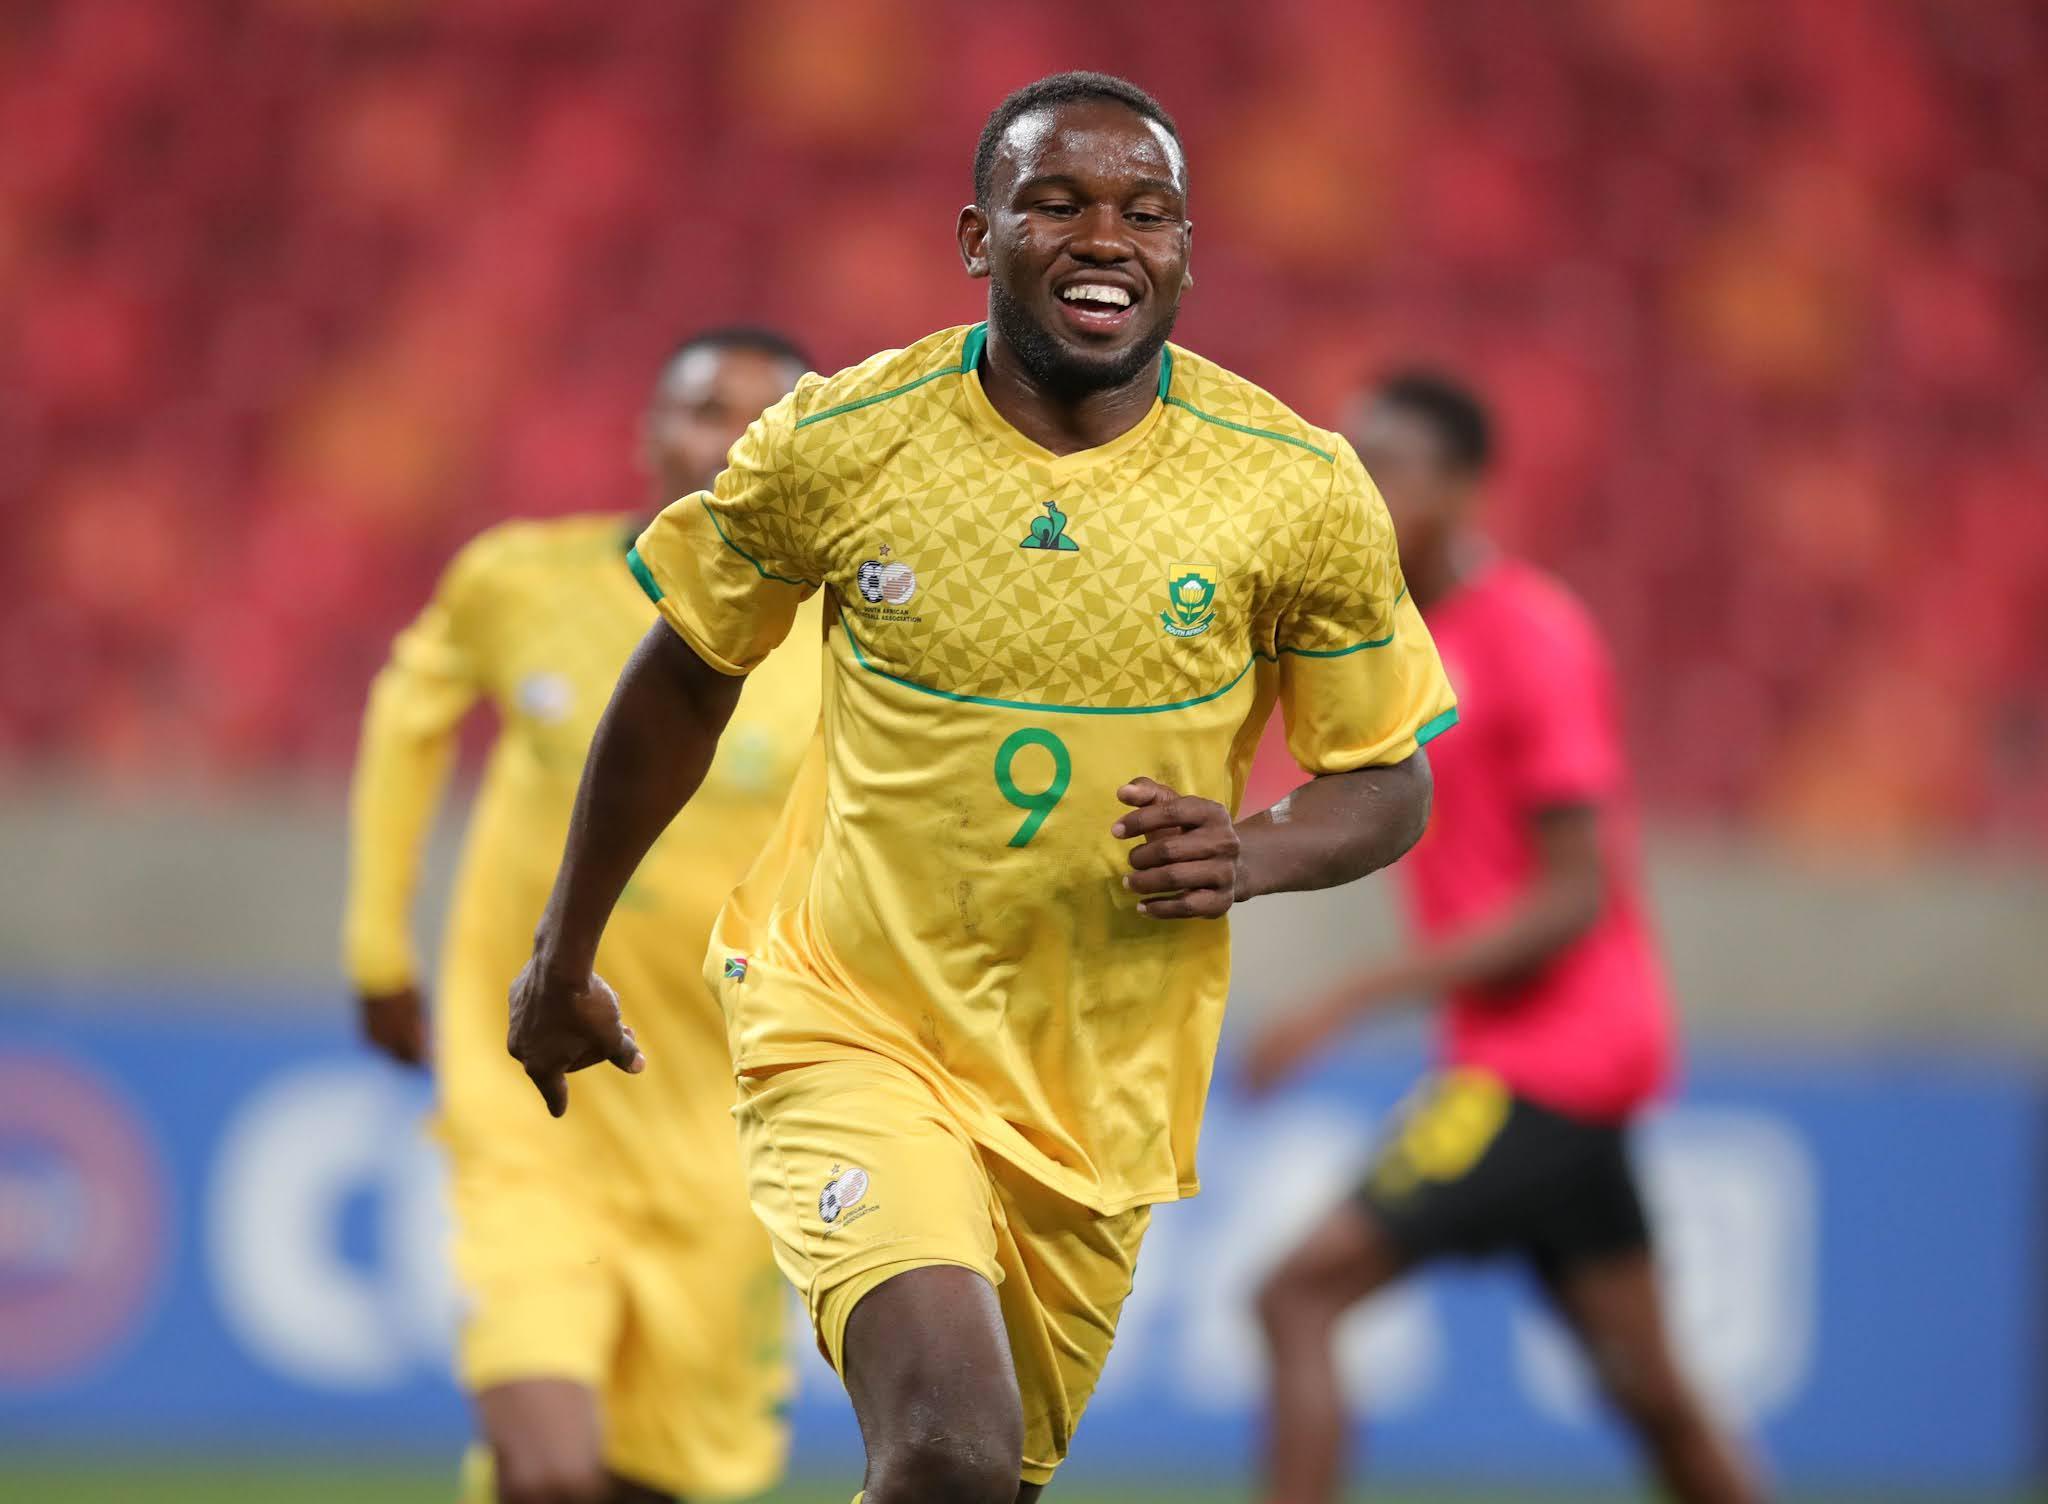 Bafana Bafana striker Victor Letsoalo